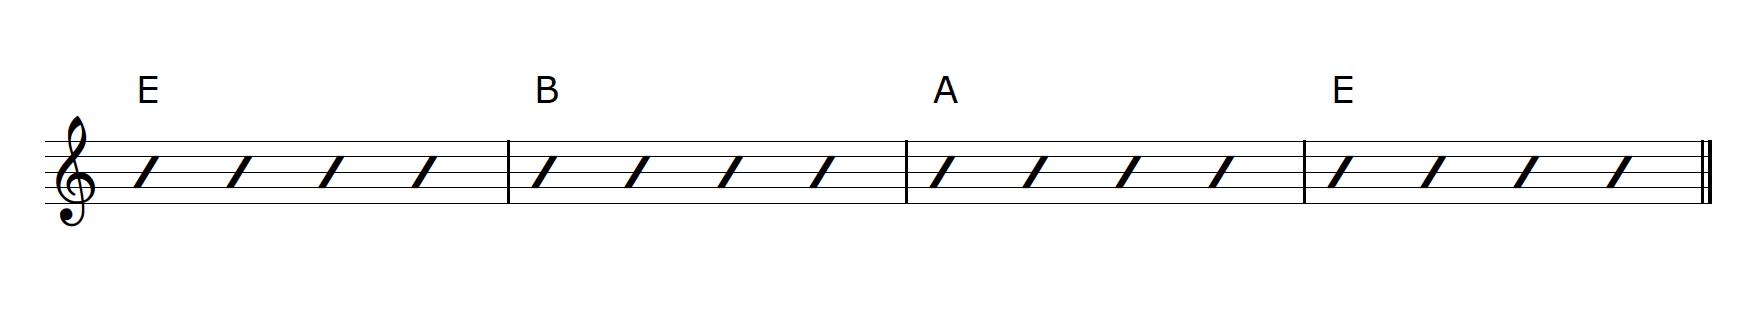 Guitar Capo E Major Progression